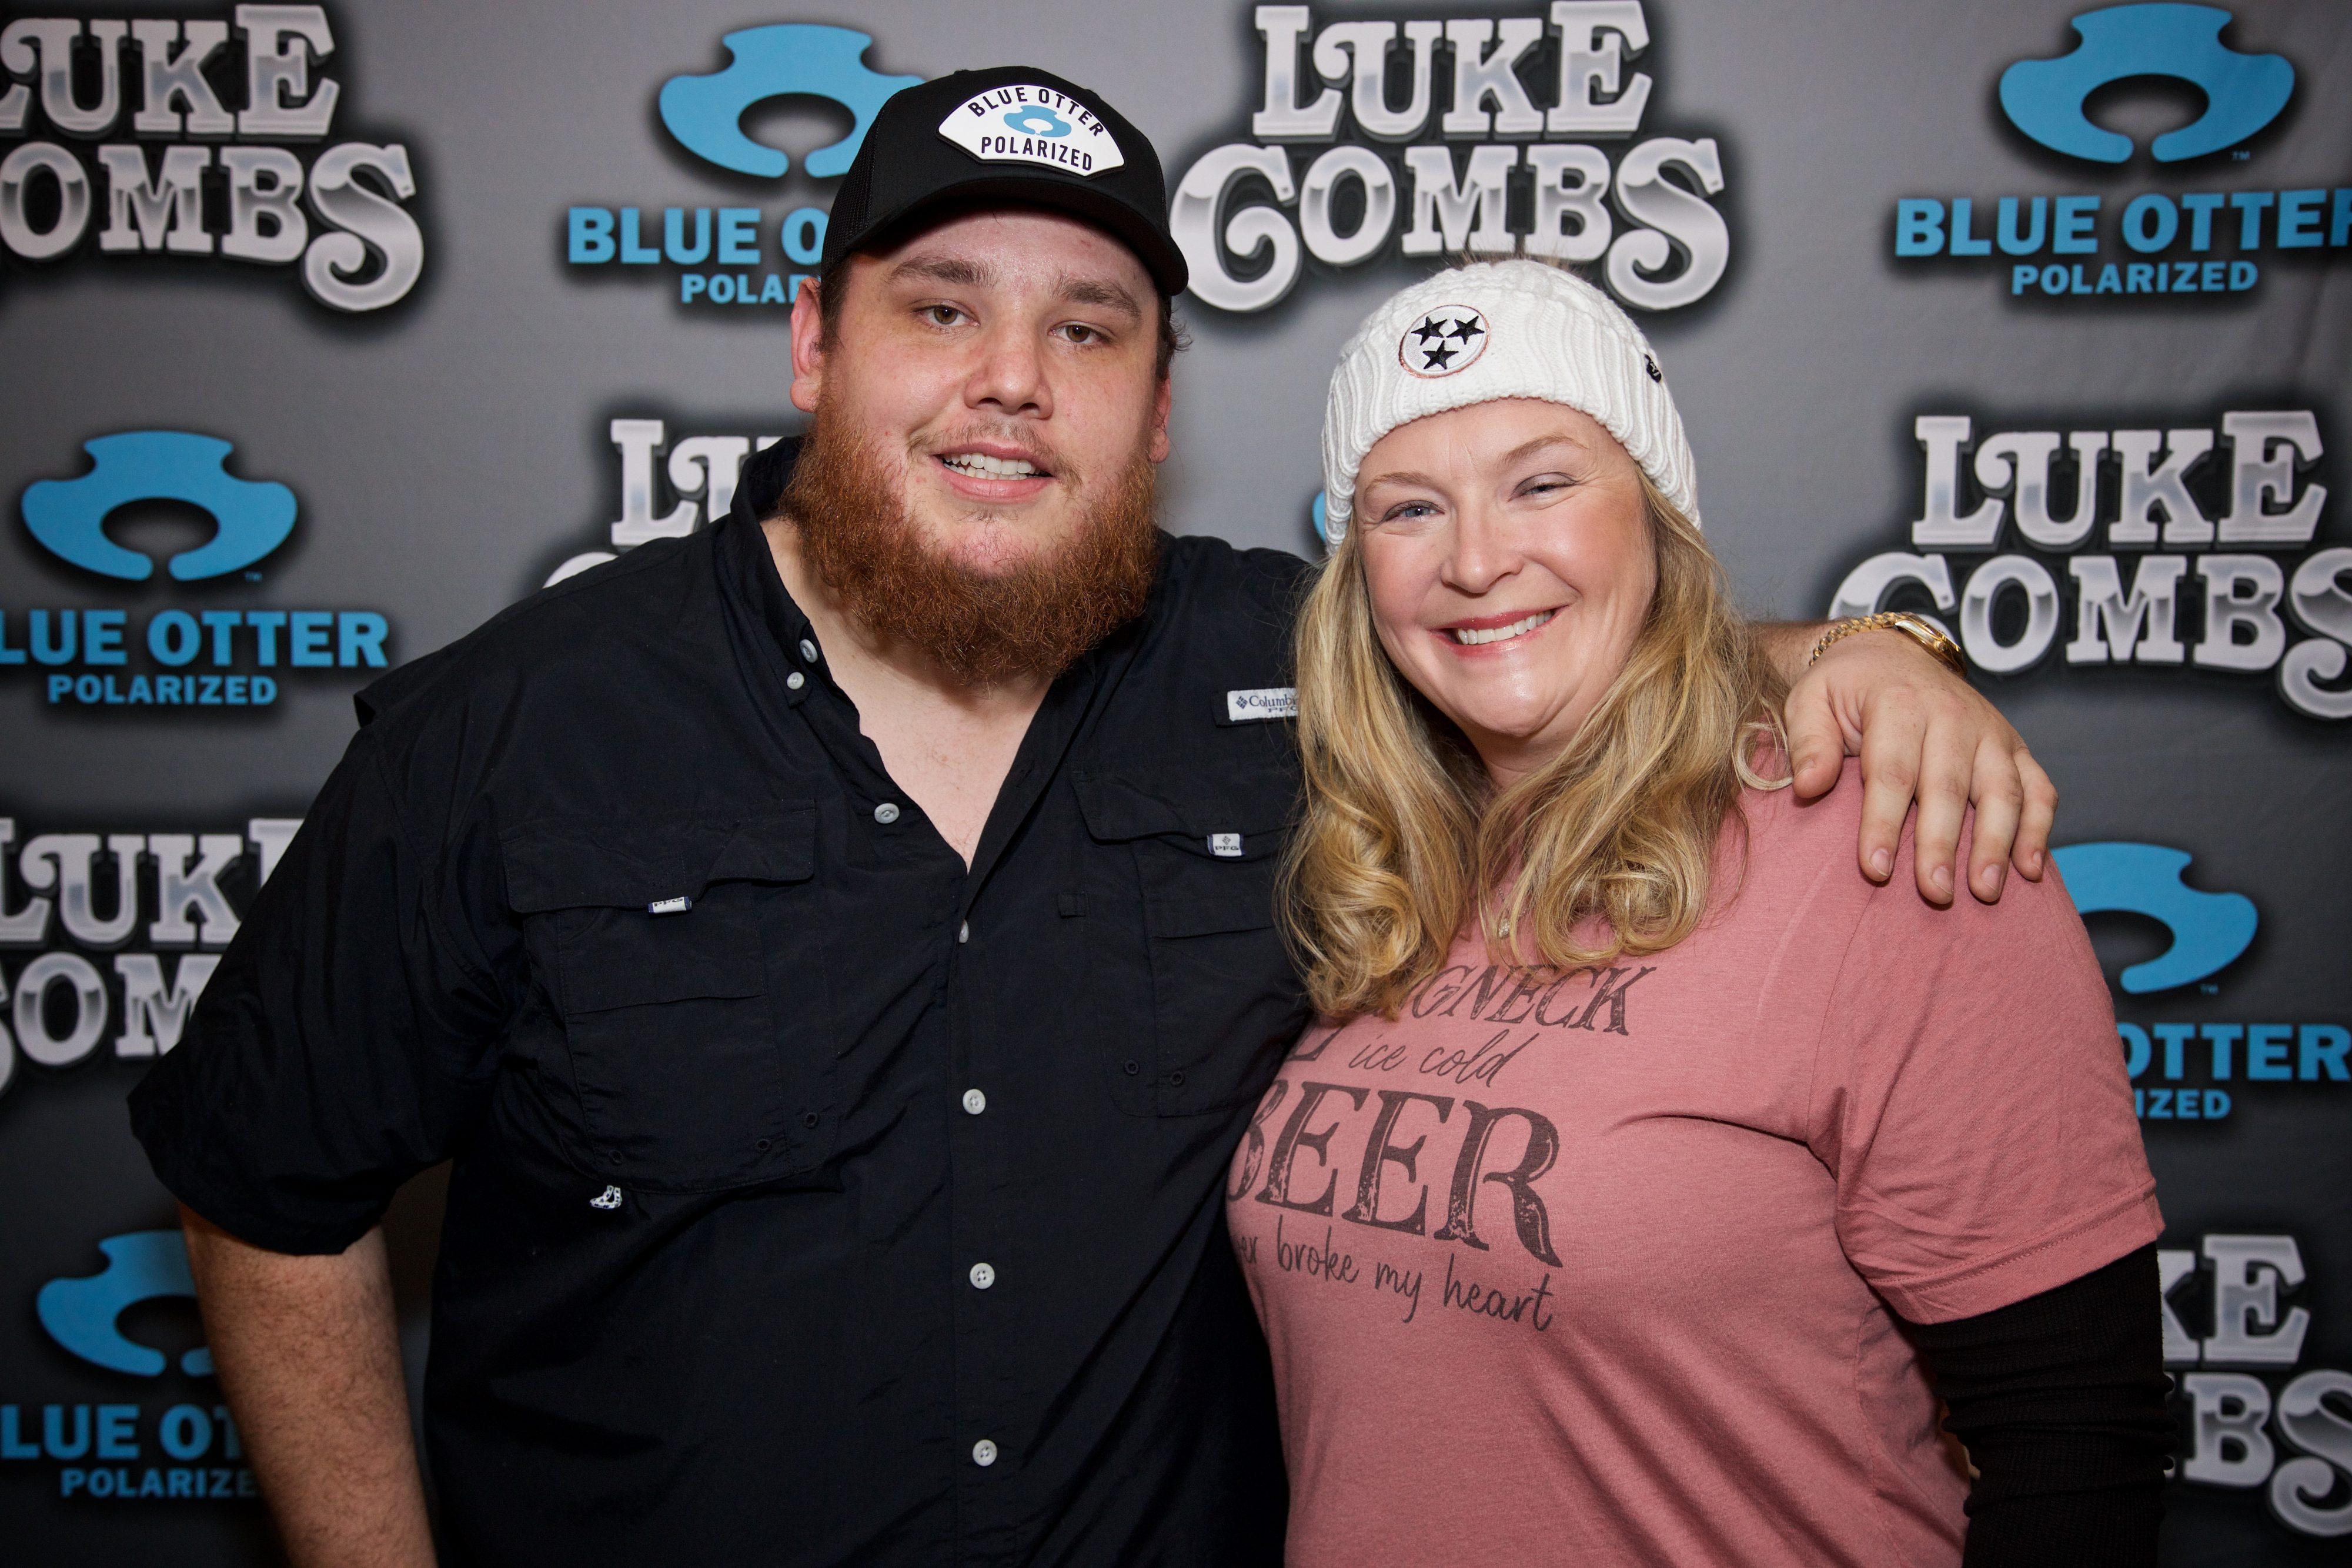 20191212_Luke_Combs_Nashville_0472